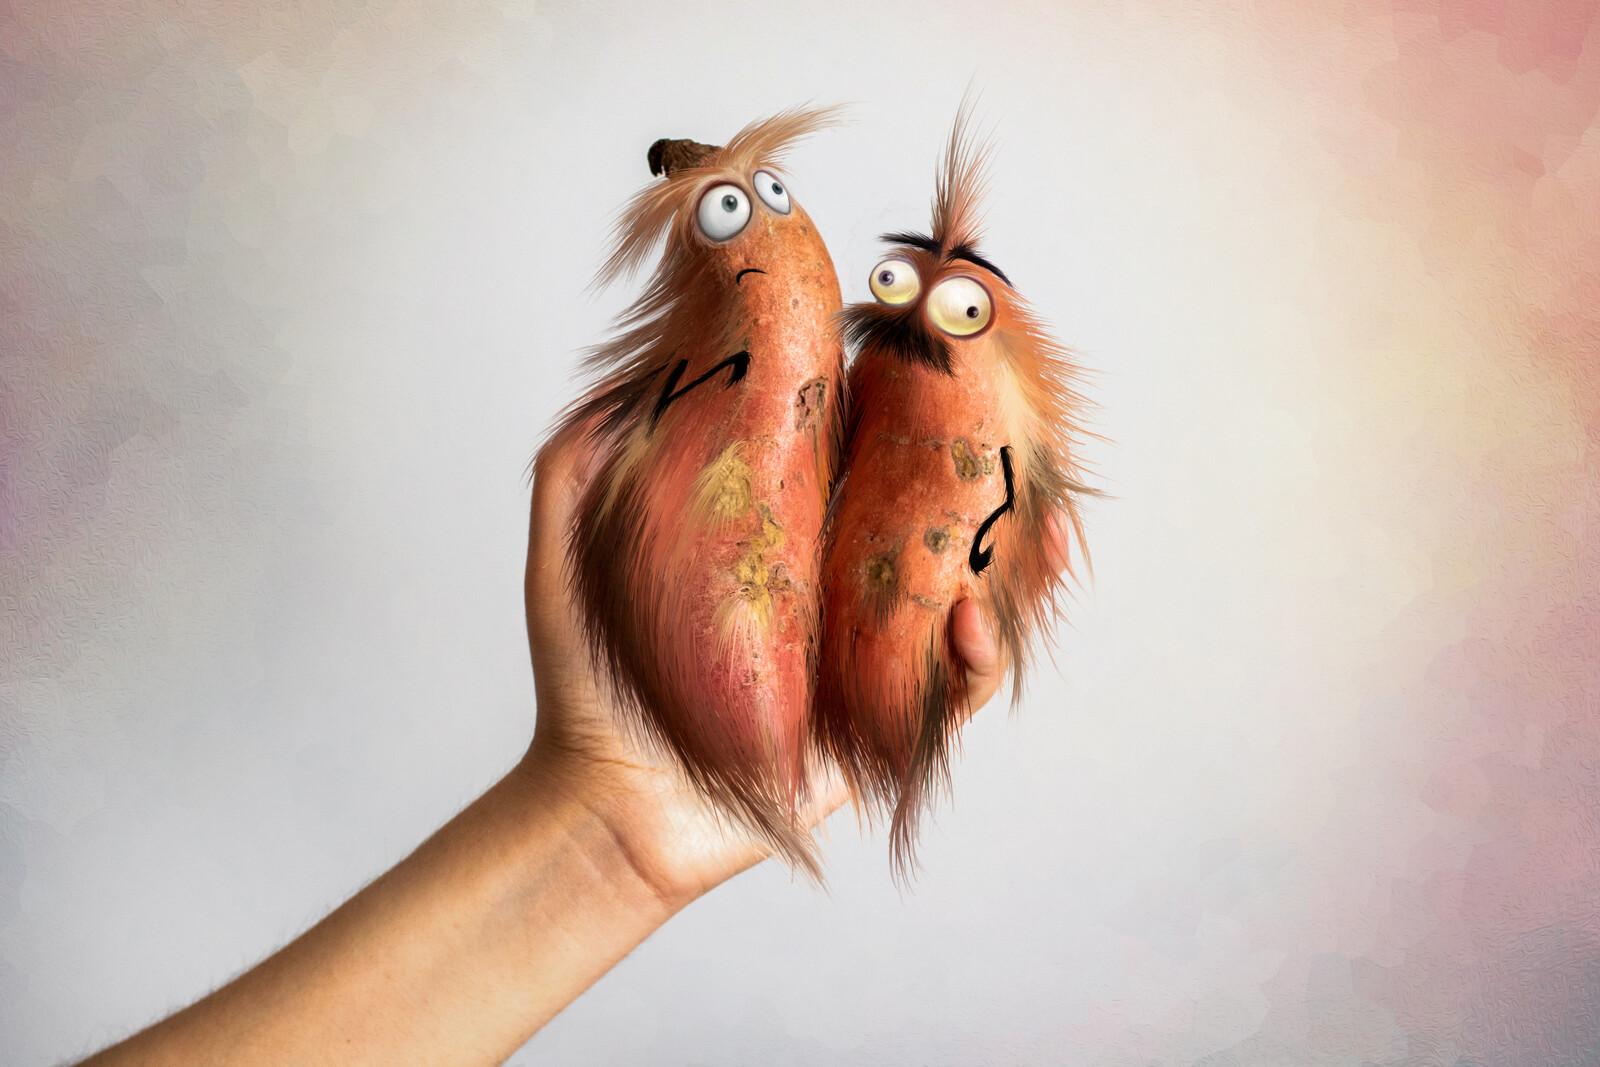 Sweet Potatoes Creatures